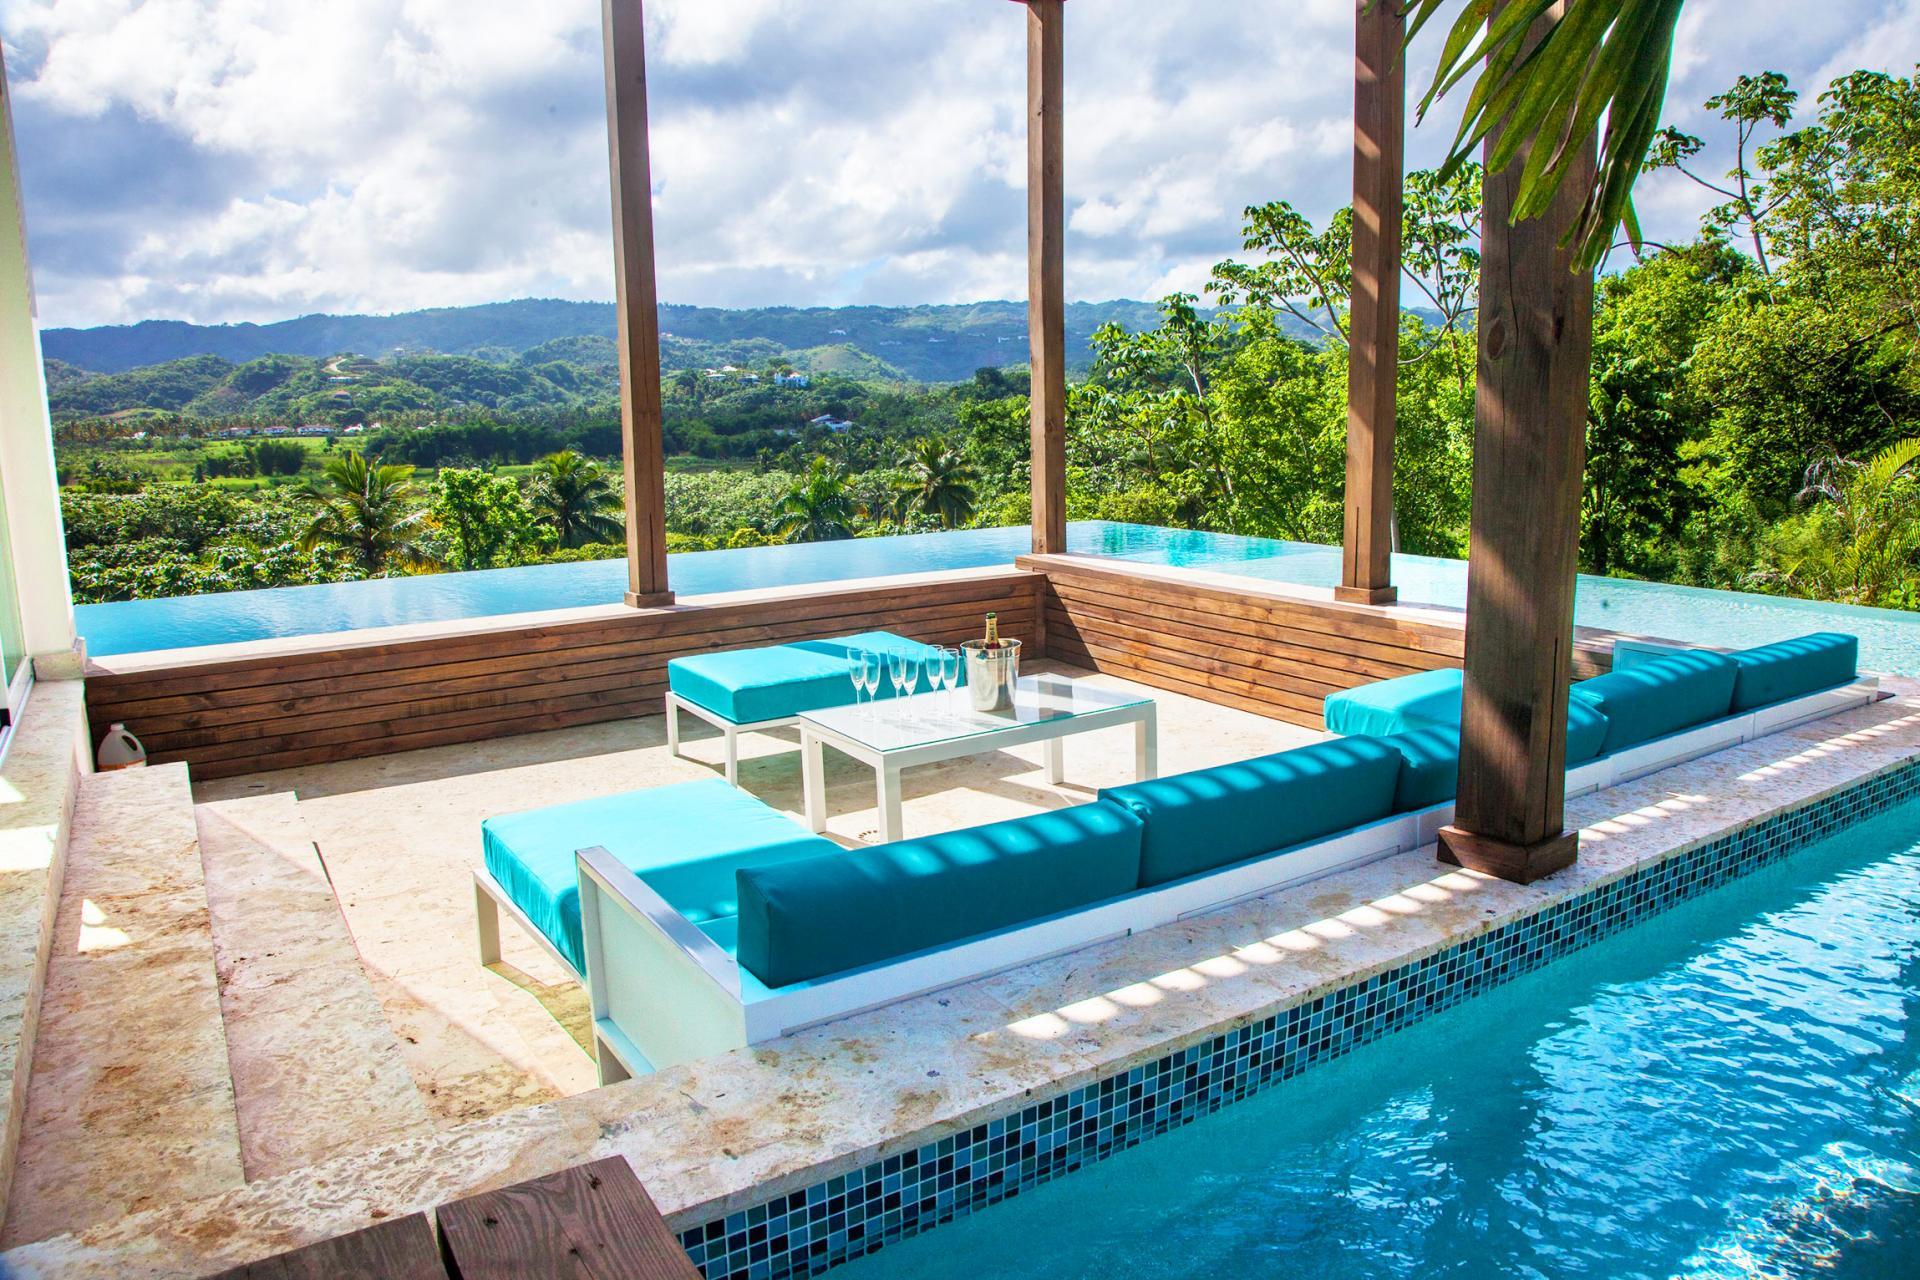 Location villa Las Terrenas - Le salon extérieur et la piscine